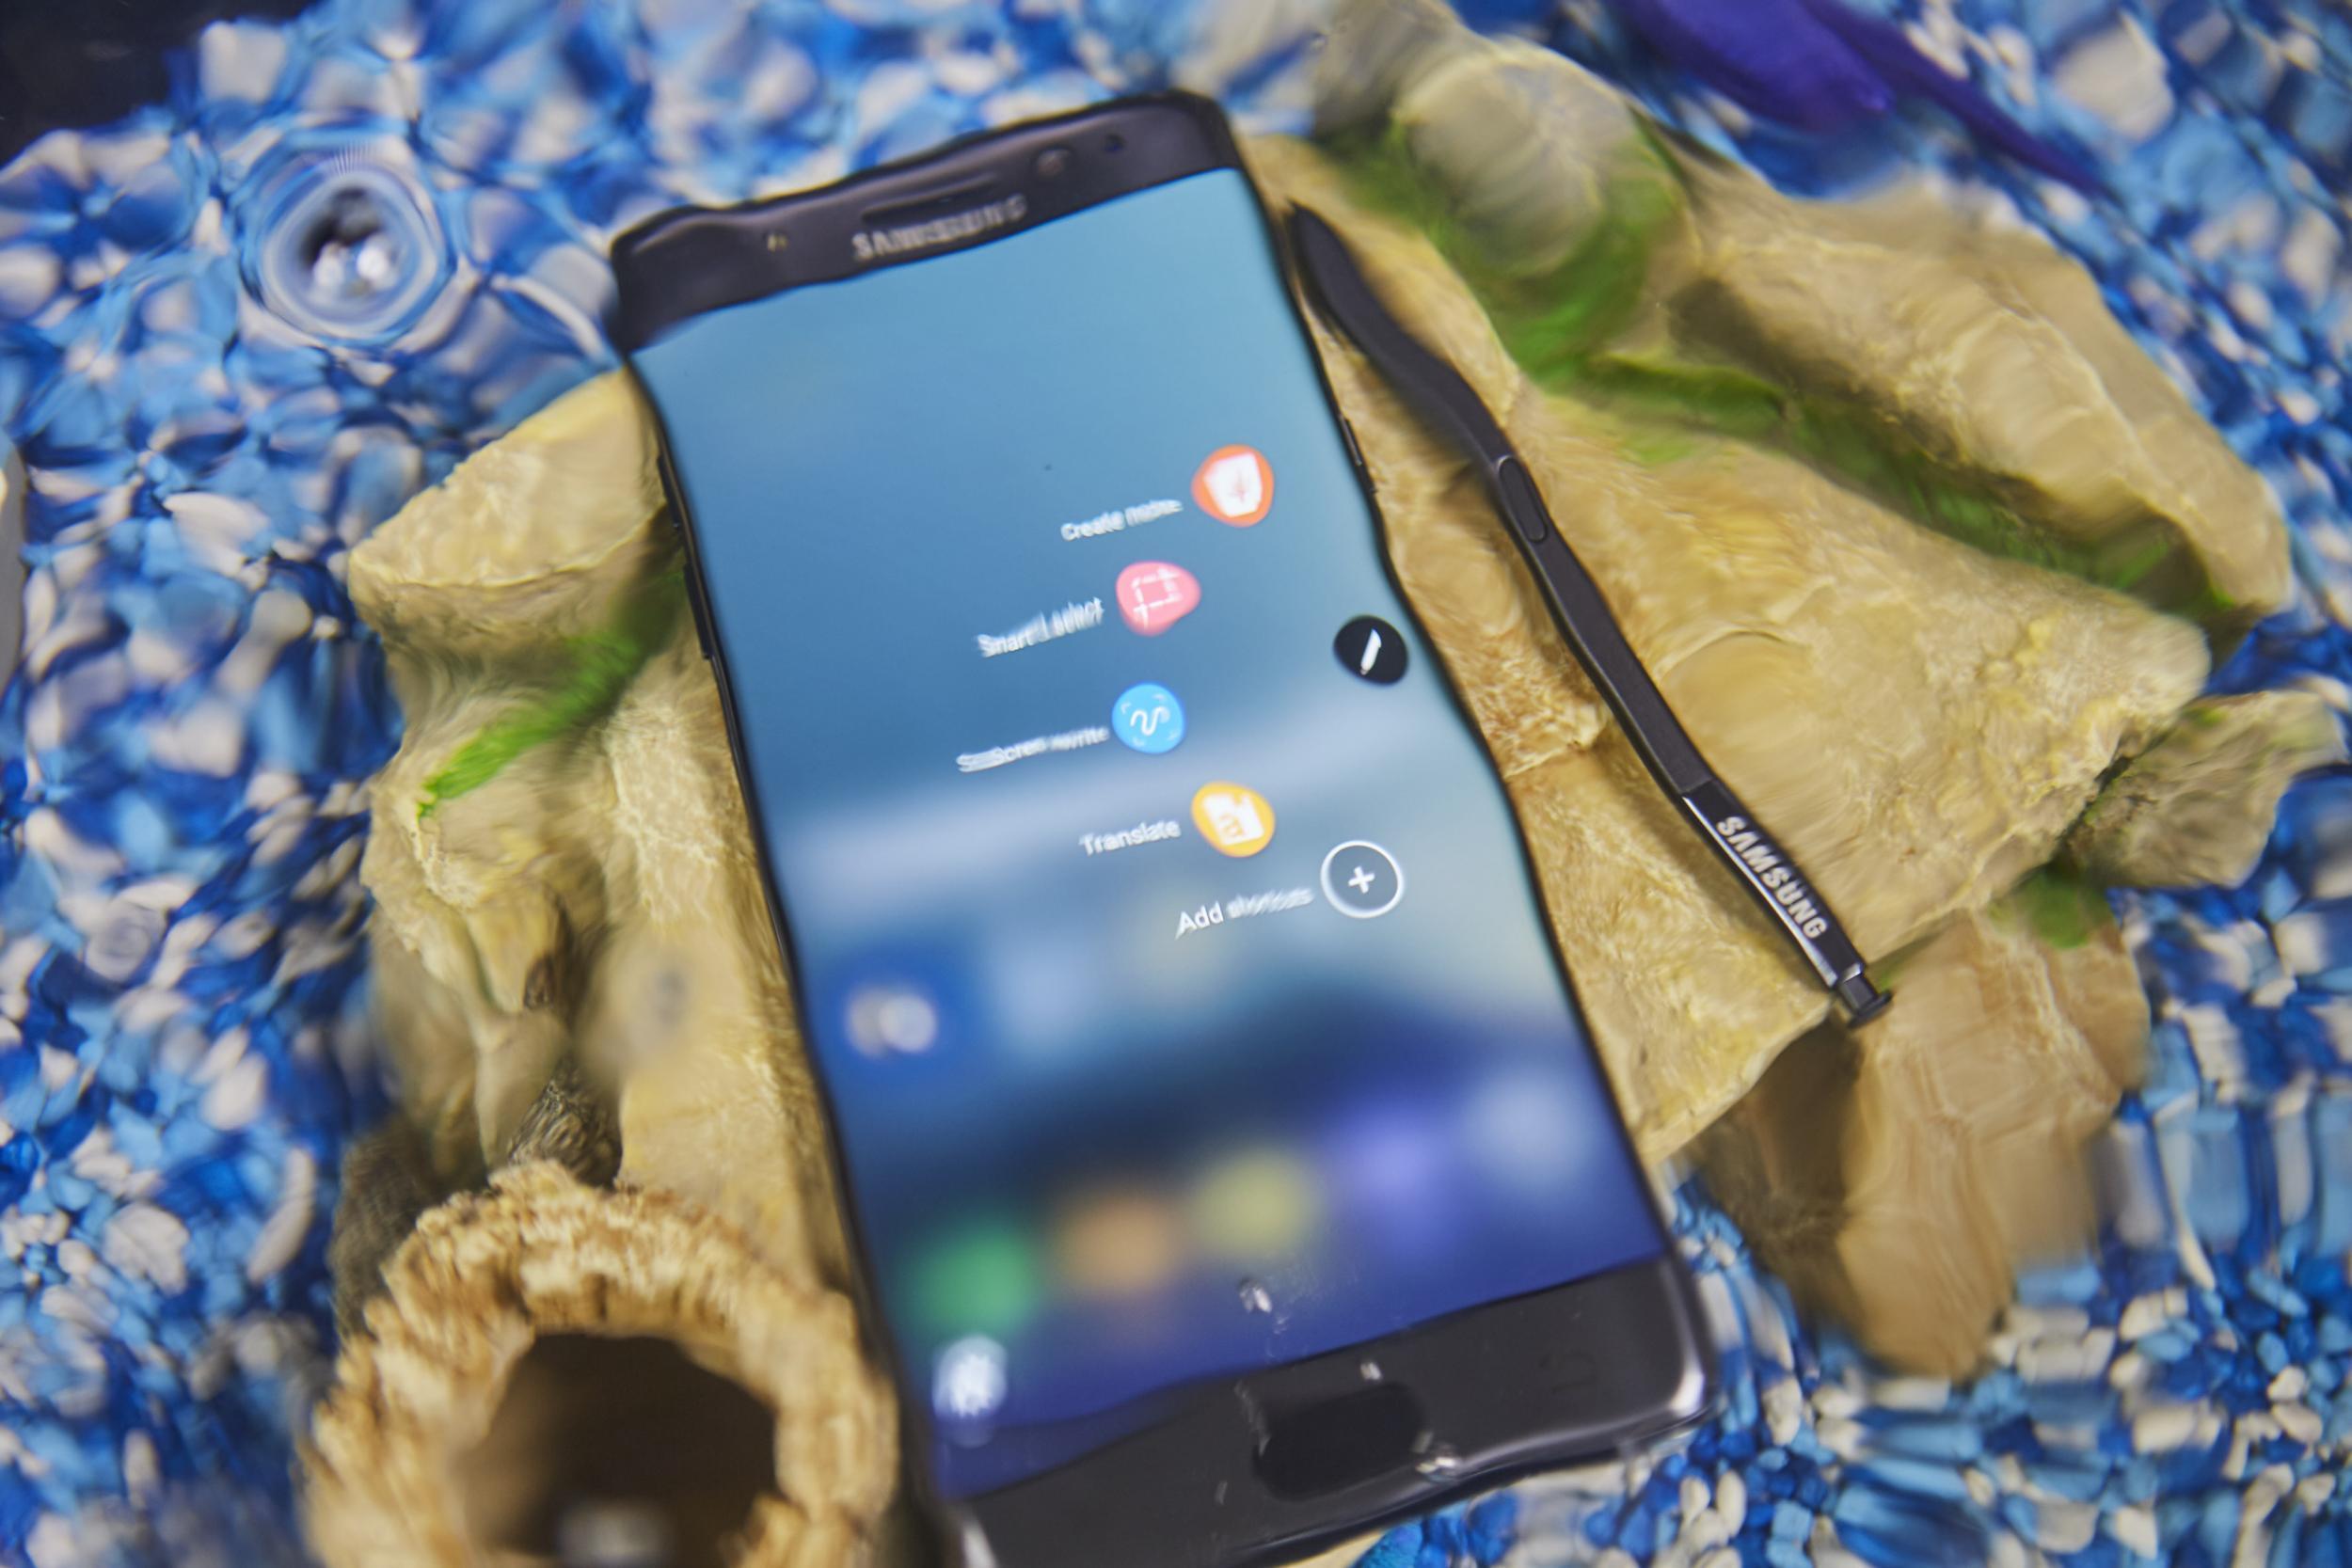 Hàn Quốc siết chặt kiểm soát pin sau sự cố Galaxy Note7